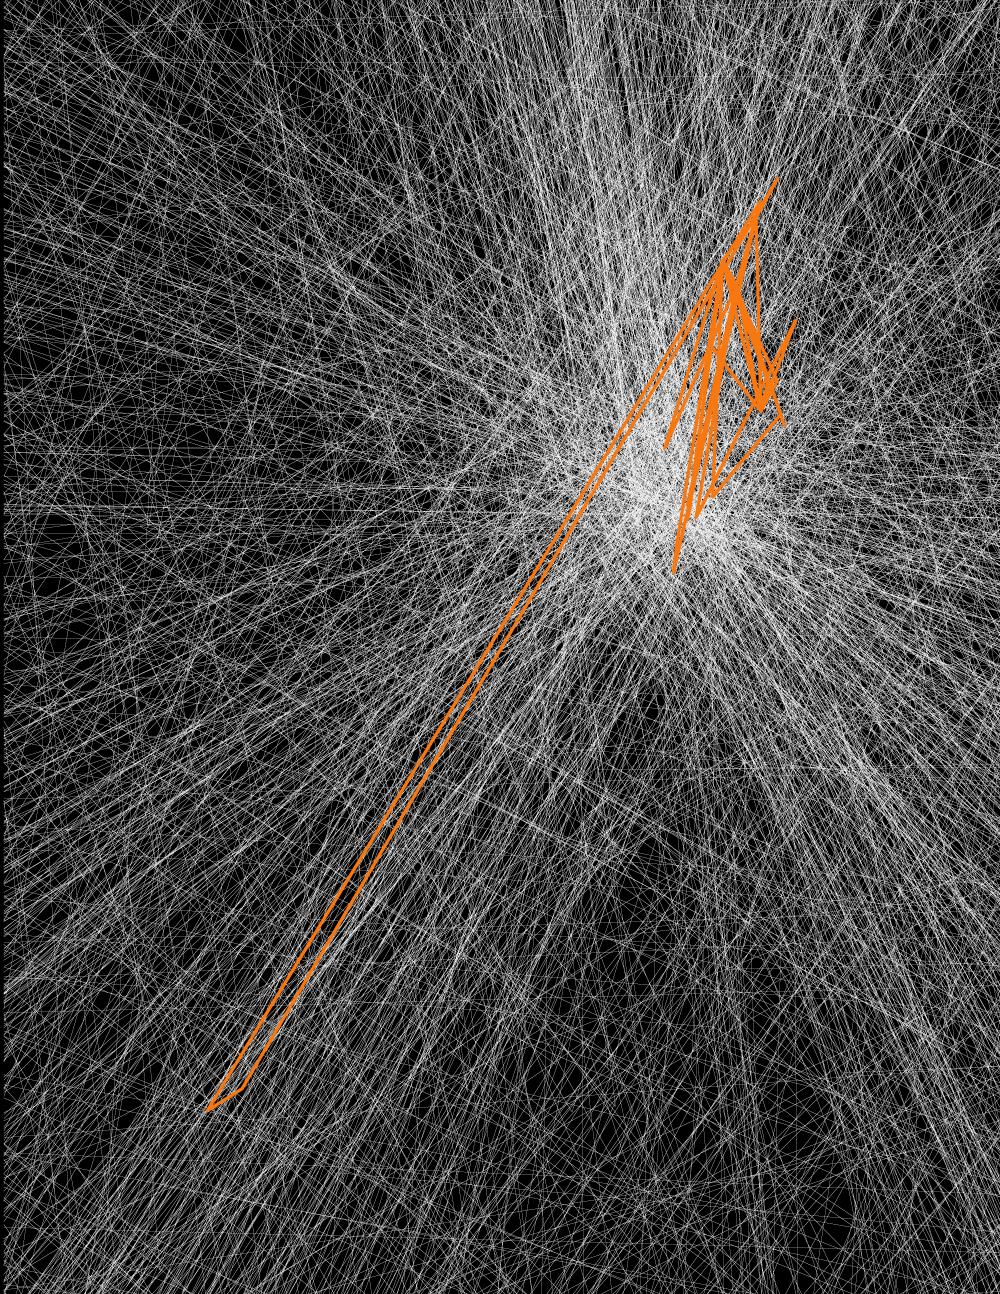 Zahllose weiße Linien auf schwarzem Grund laufen zu einem Fluchtpunkt. Darübergelegt sind zackig gezogene orange Linien.